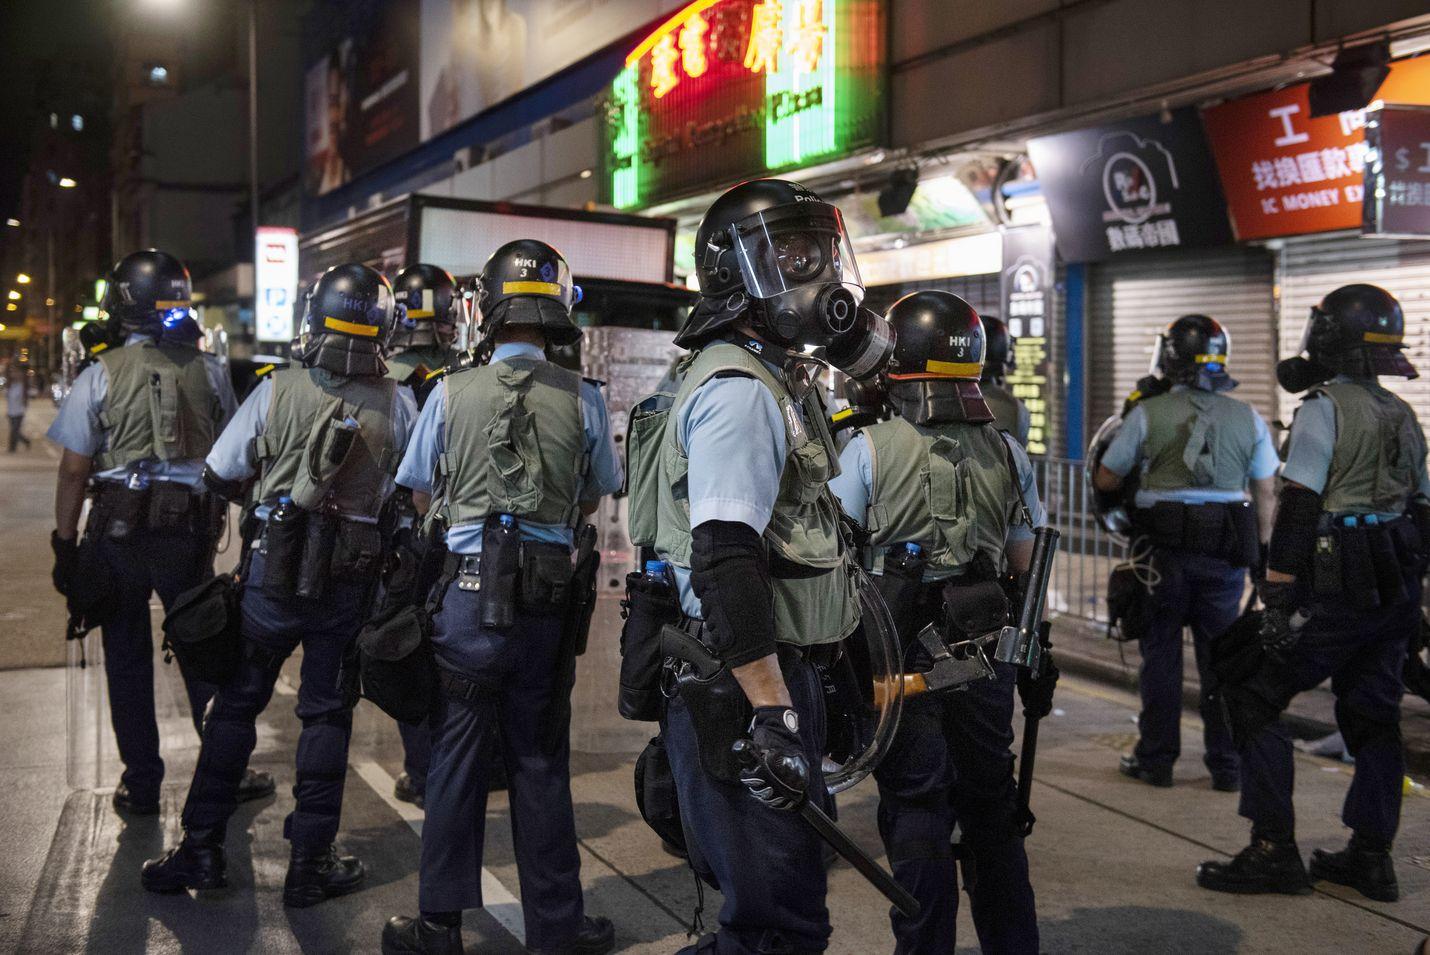 Tiistain ja keskiviikon välisenä yönä mielenosoittajat ottivat yhteen mellakkapoliisin kanssa Hongkongin kaupungissa Sham Shui Possa.